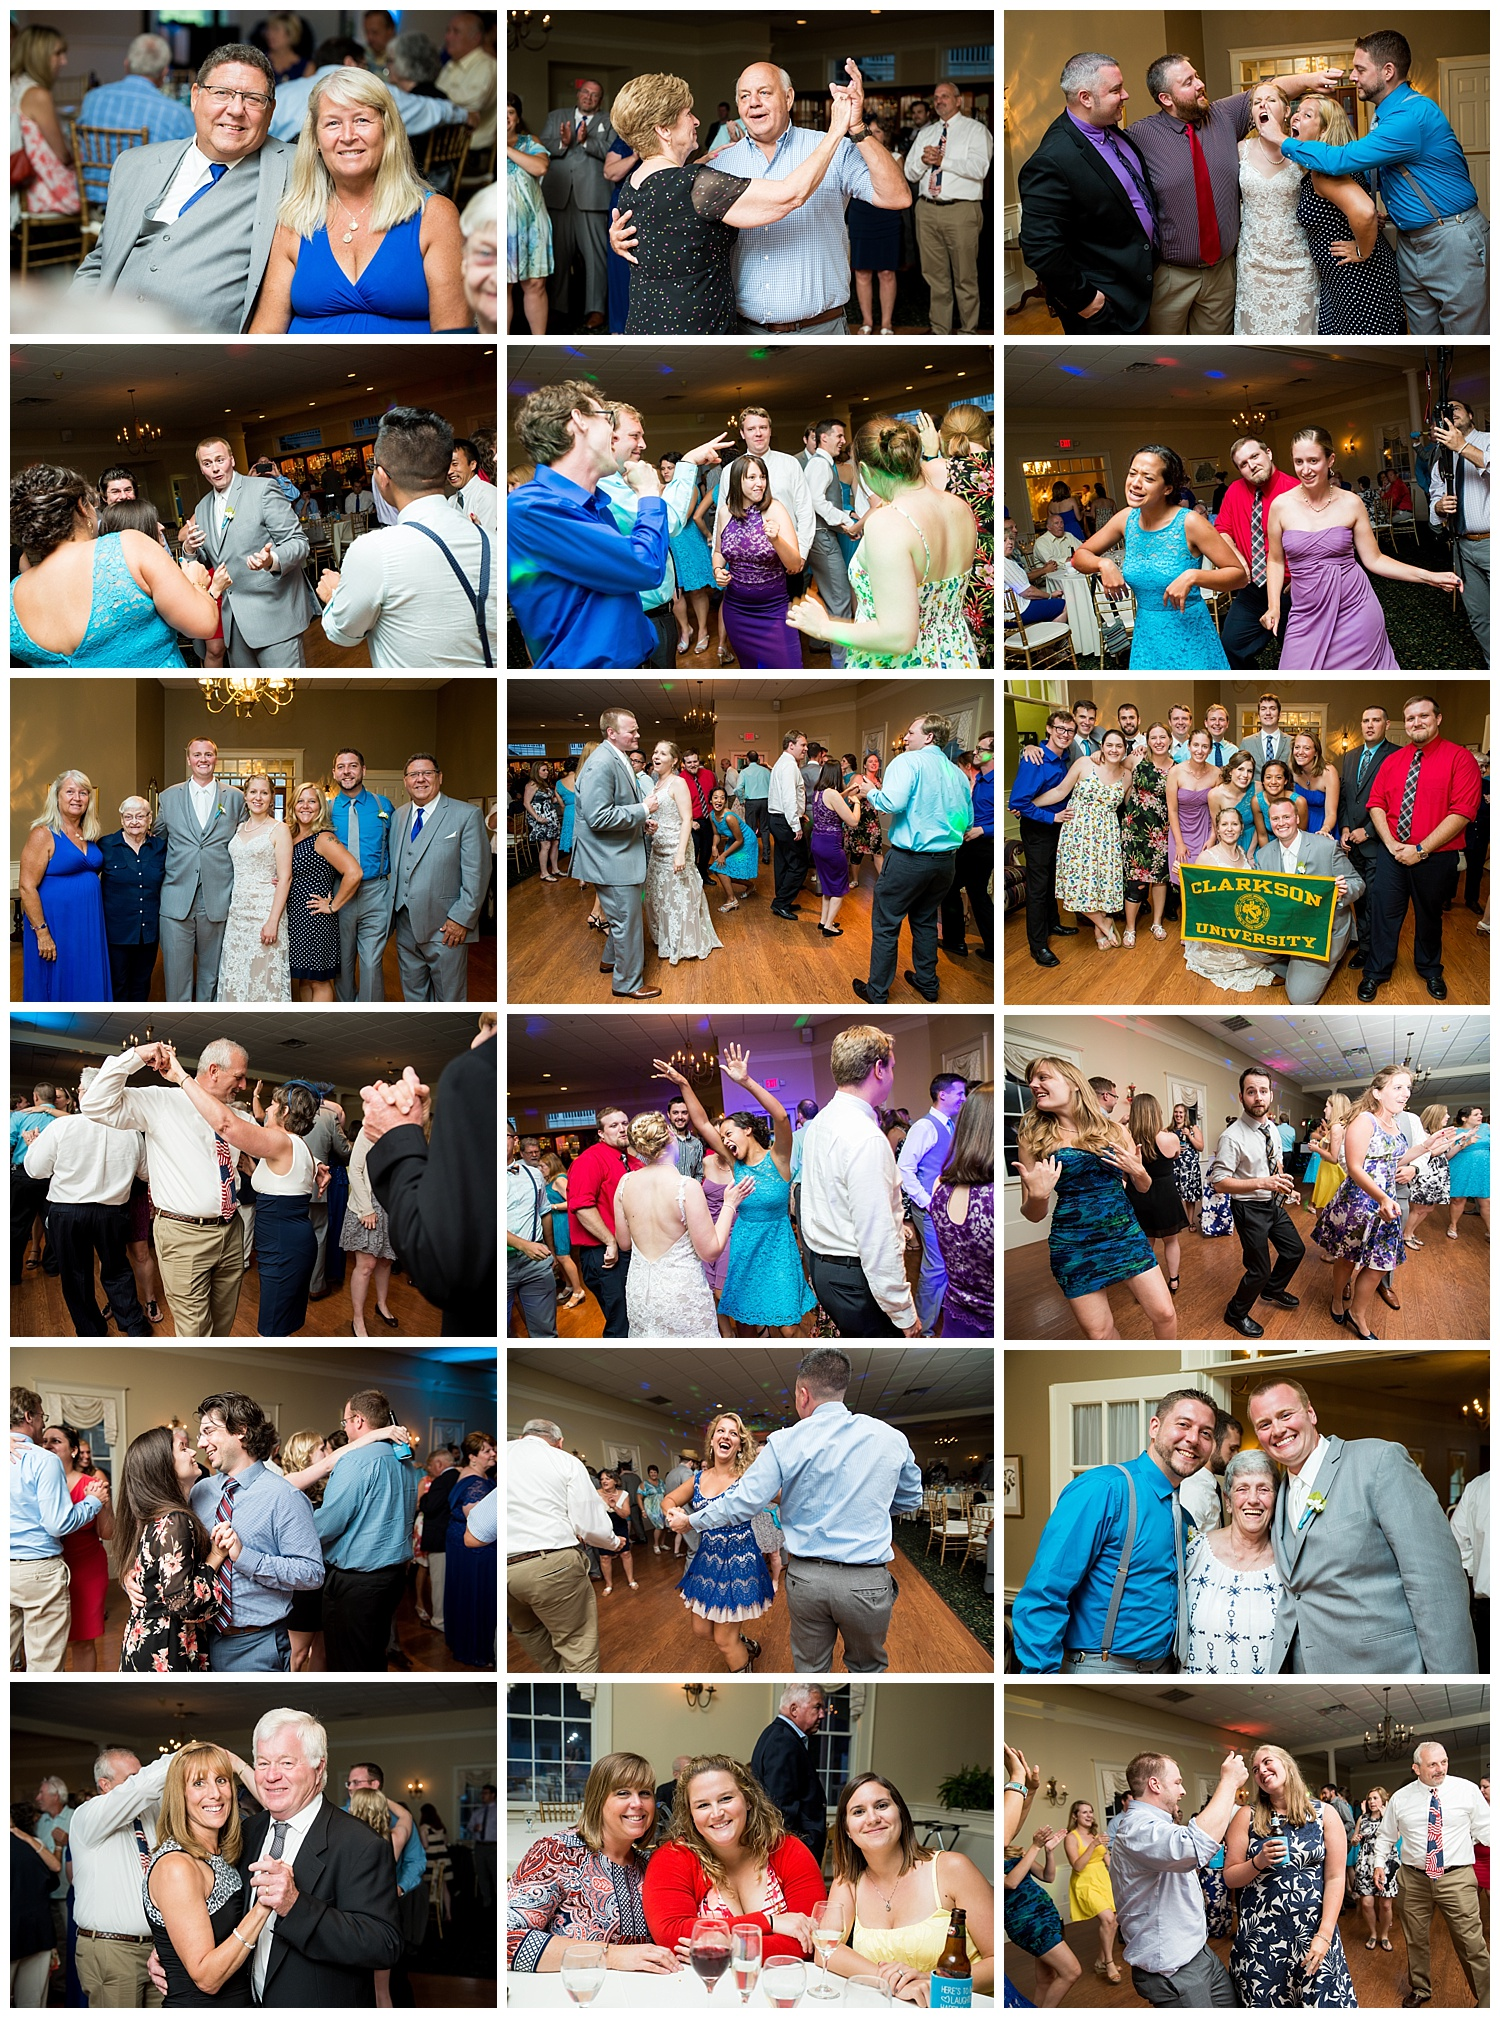 Jolene & Josh Blog,reception,social media,